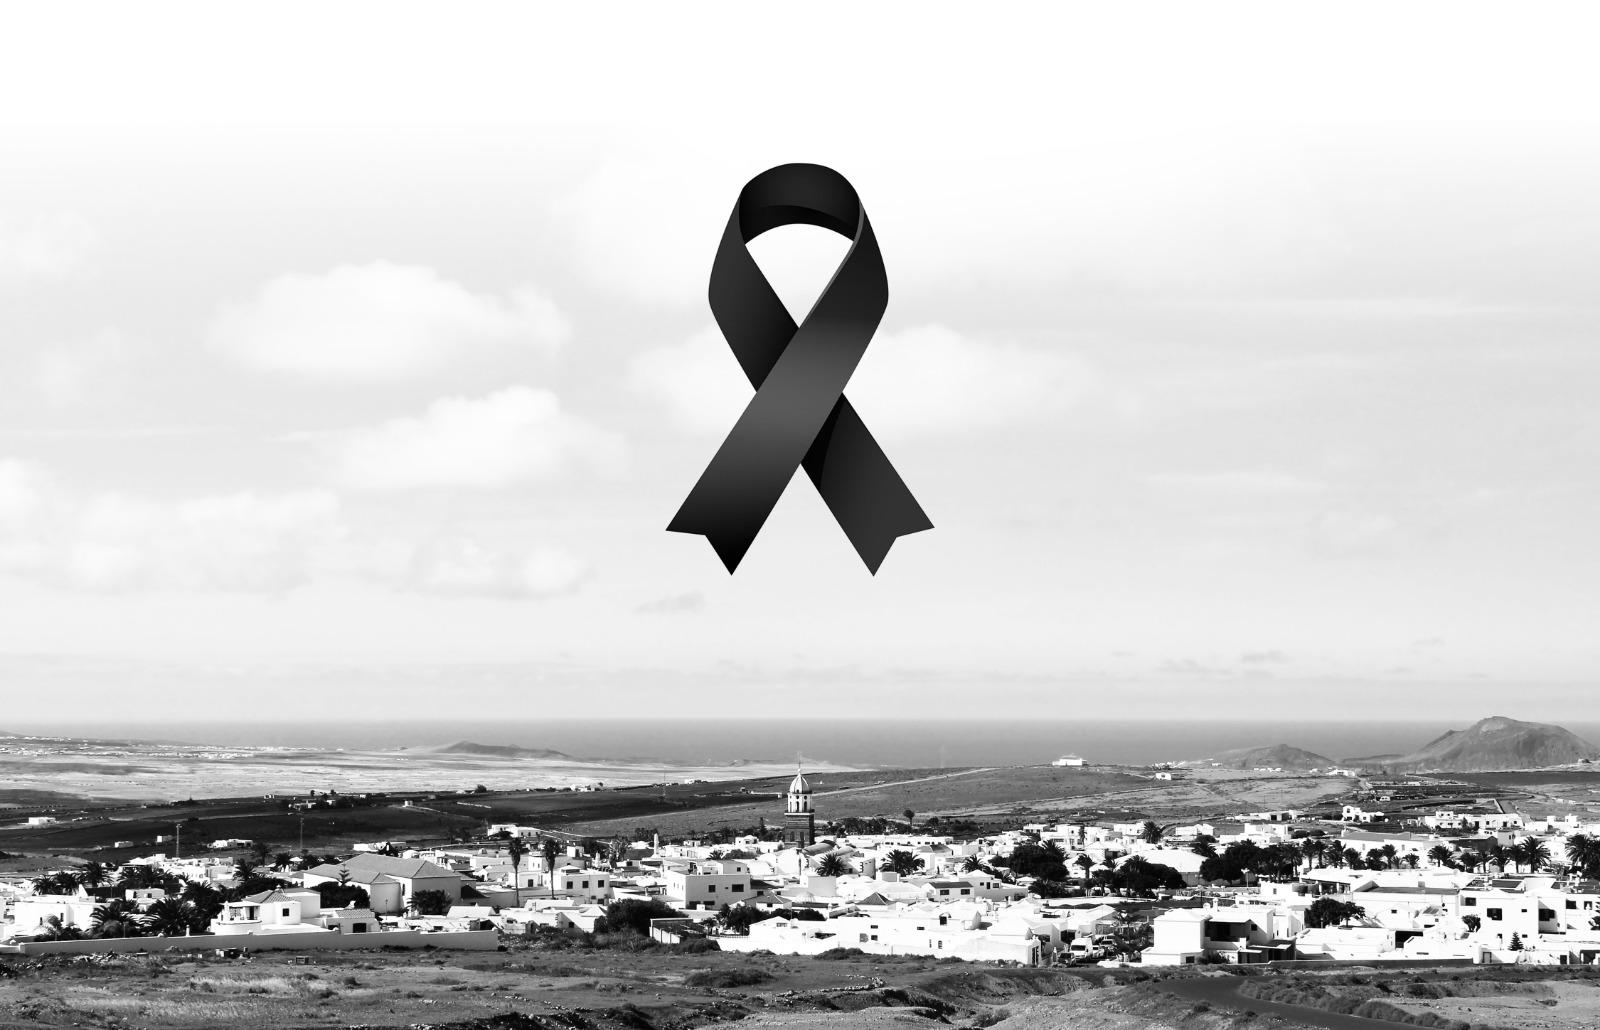 Teguise pospone todos los actos previstos por el Día de Canarias para la semana del 8 al 13 de junio